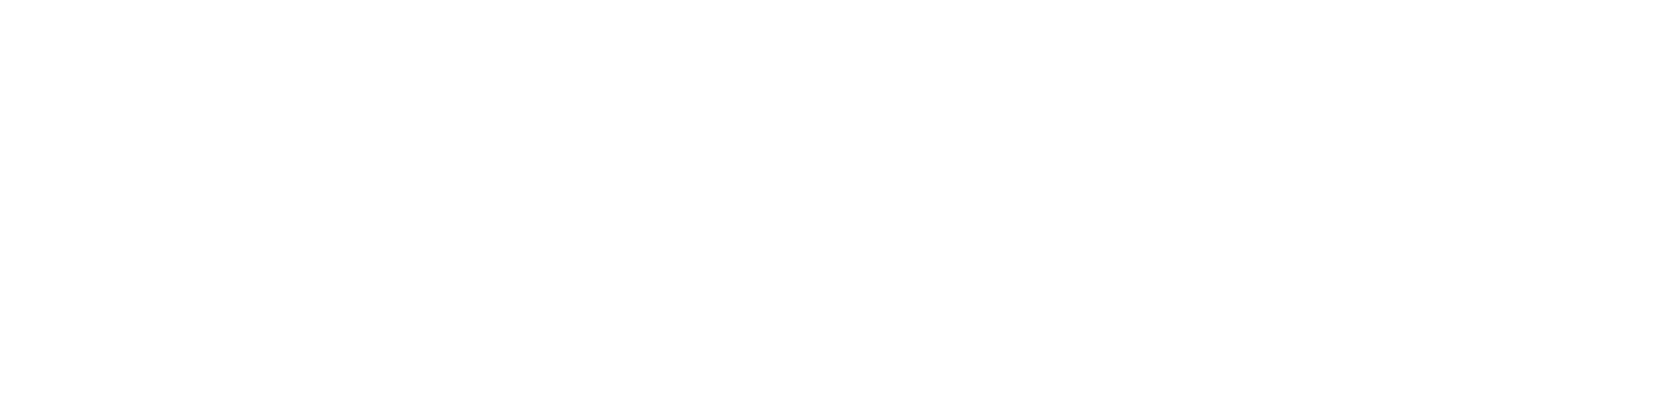 EVVERESS TECH SARL Logo